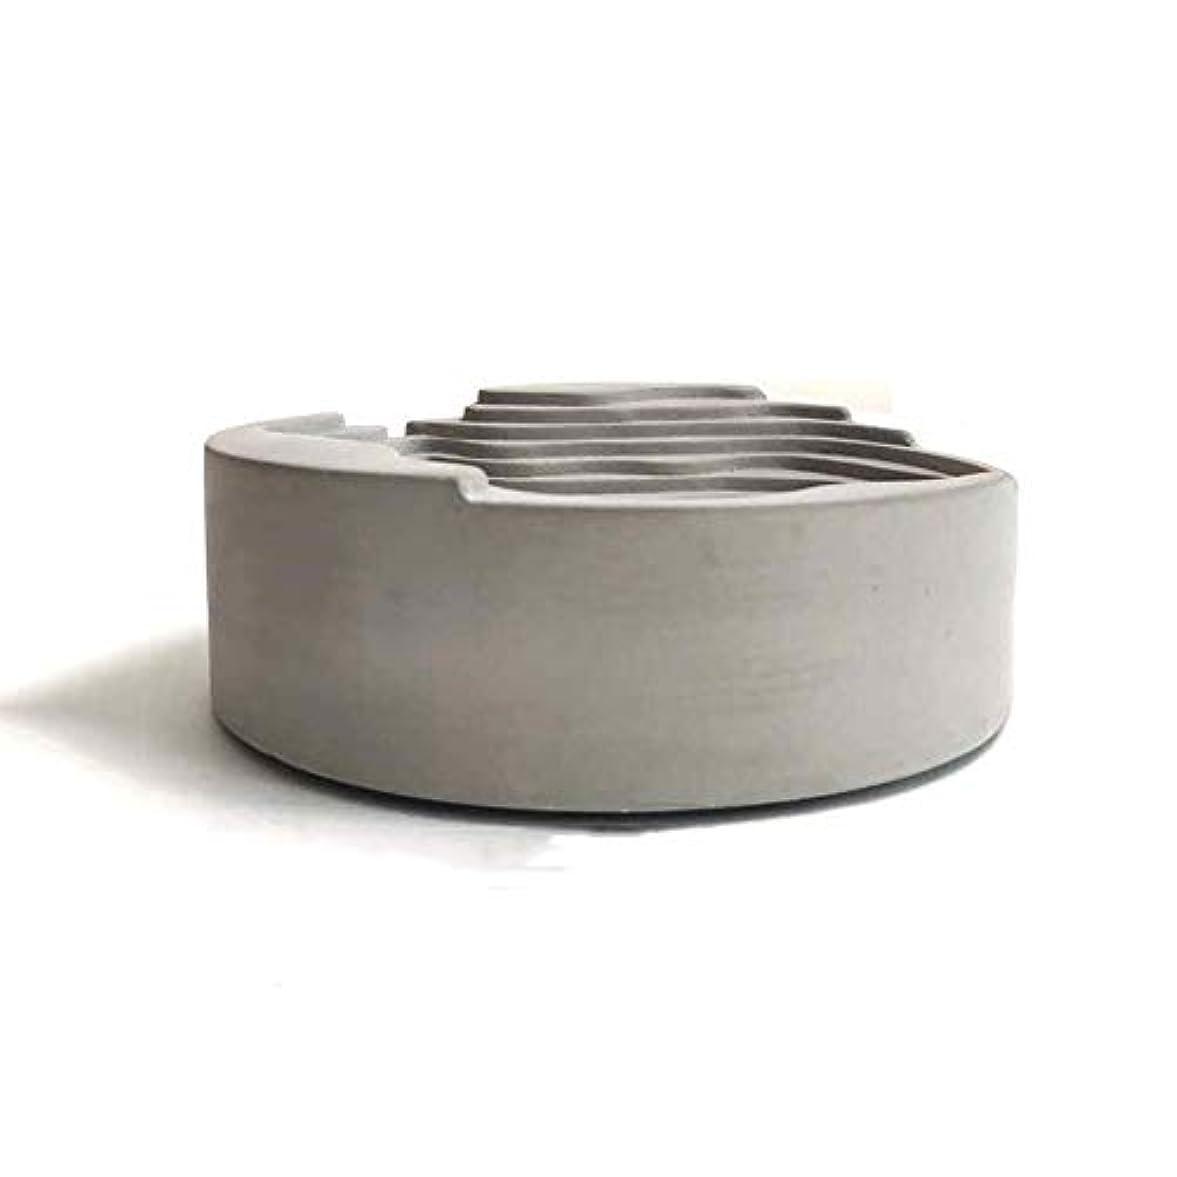 土敬の念デマンドセメント灰皿オリジナルシンプルウォーターコンクリートギフト灰皿